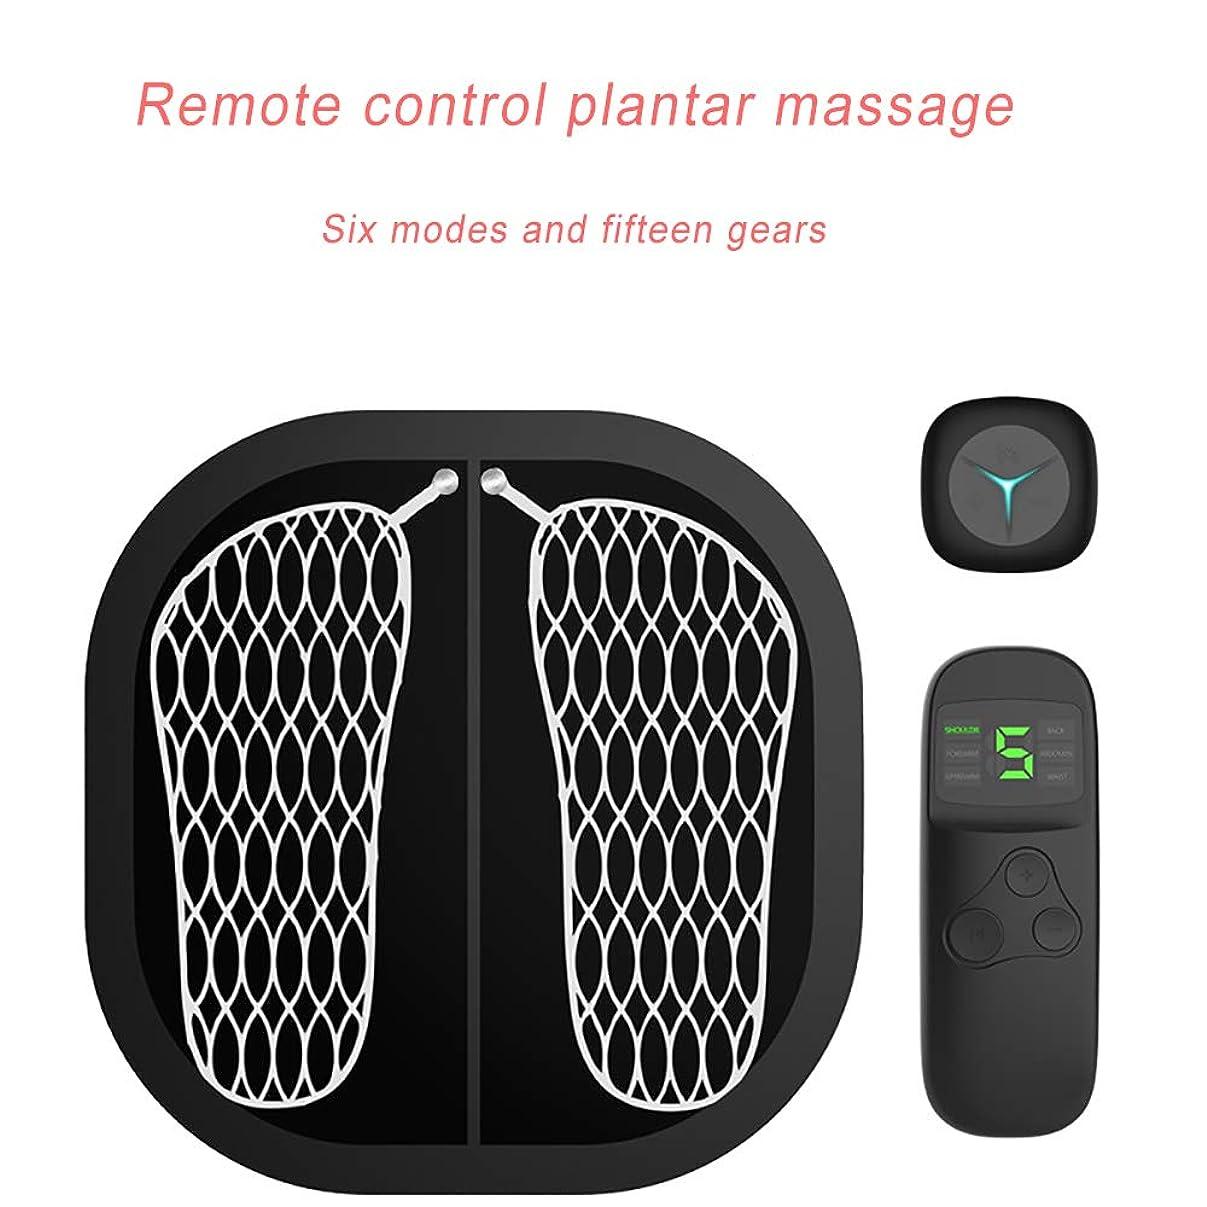 磁器今日エッセイEMSフットサーキュレーションマッサージ、多機能インテリジェントフットマッサージ、鍼治療のポイントを刺激、痛みを和らげ、疲労を軽減6モードUSB充電,Black